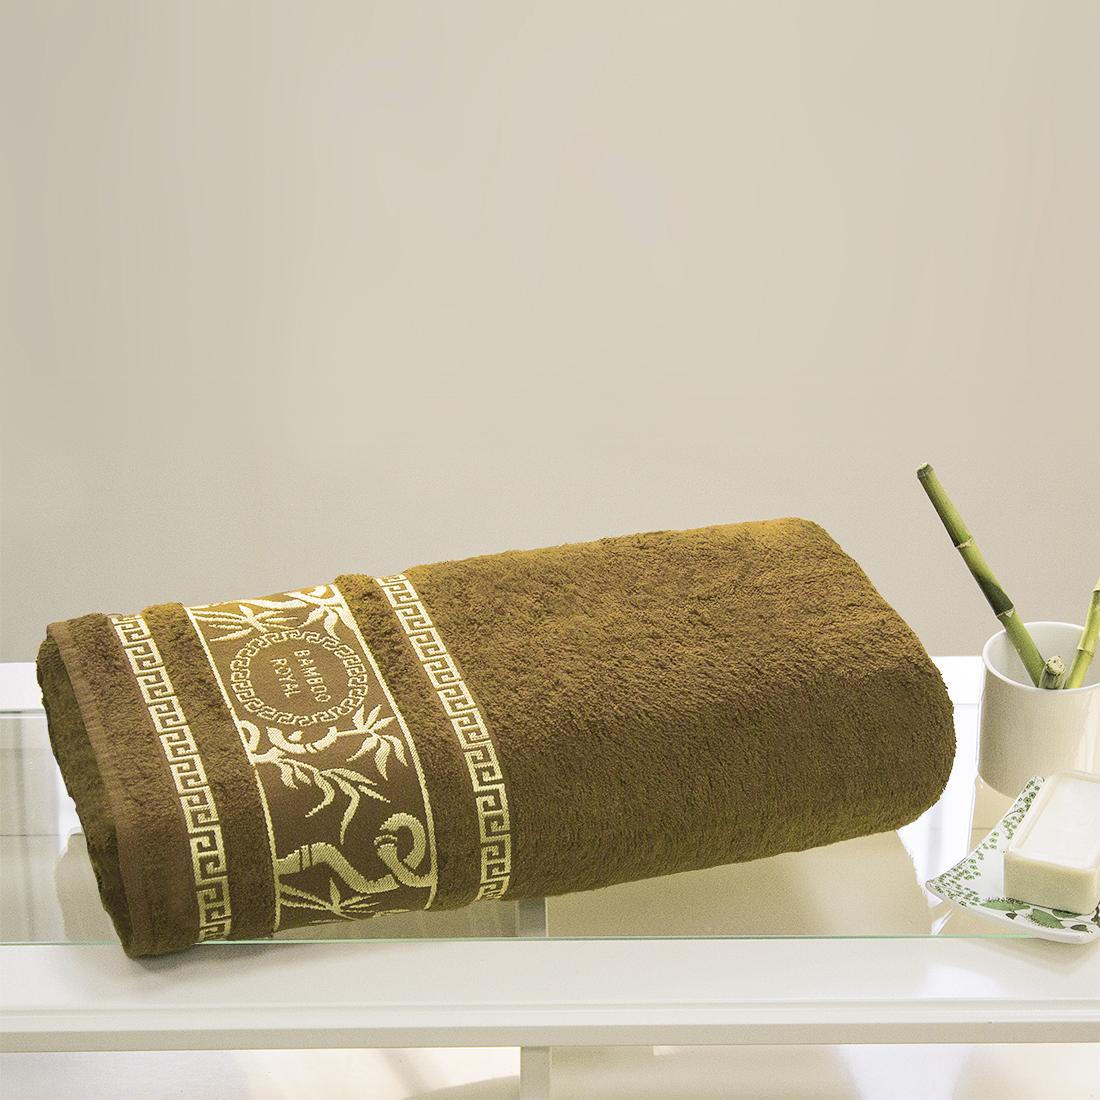 Полотенца Juanna Полотенце Роял Цвет: Коричневый (70х140см) полотенце мах familon evidence велюровое 70х140см серое